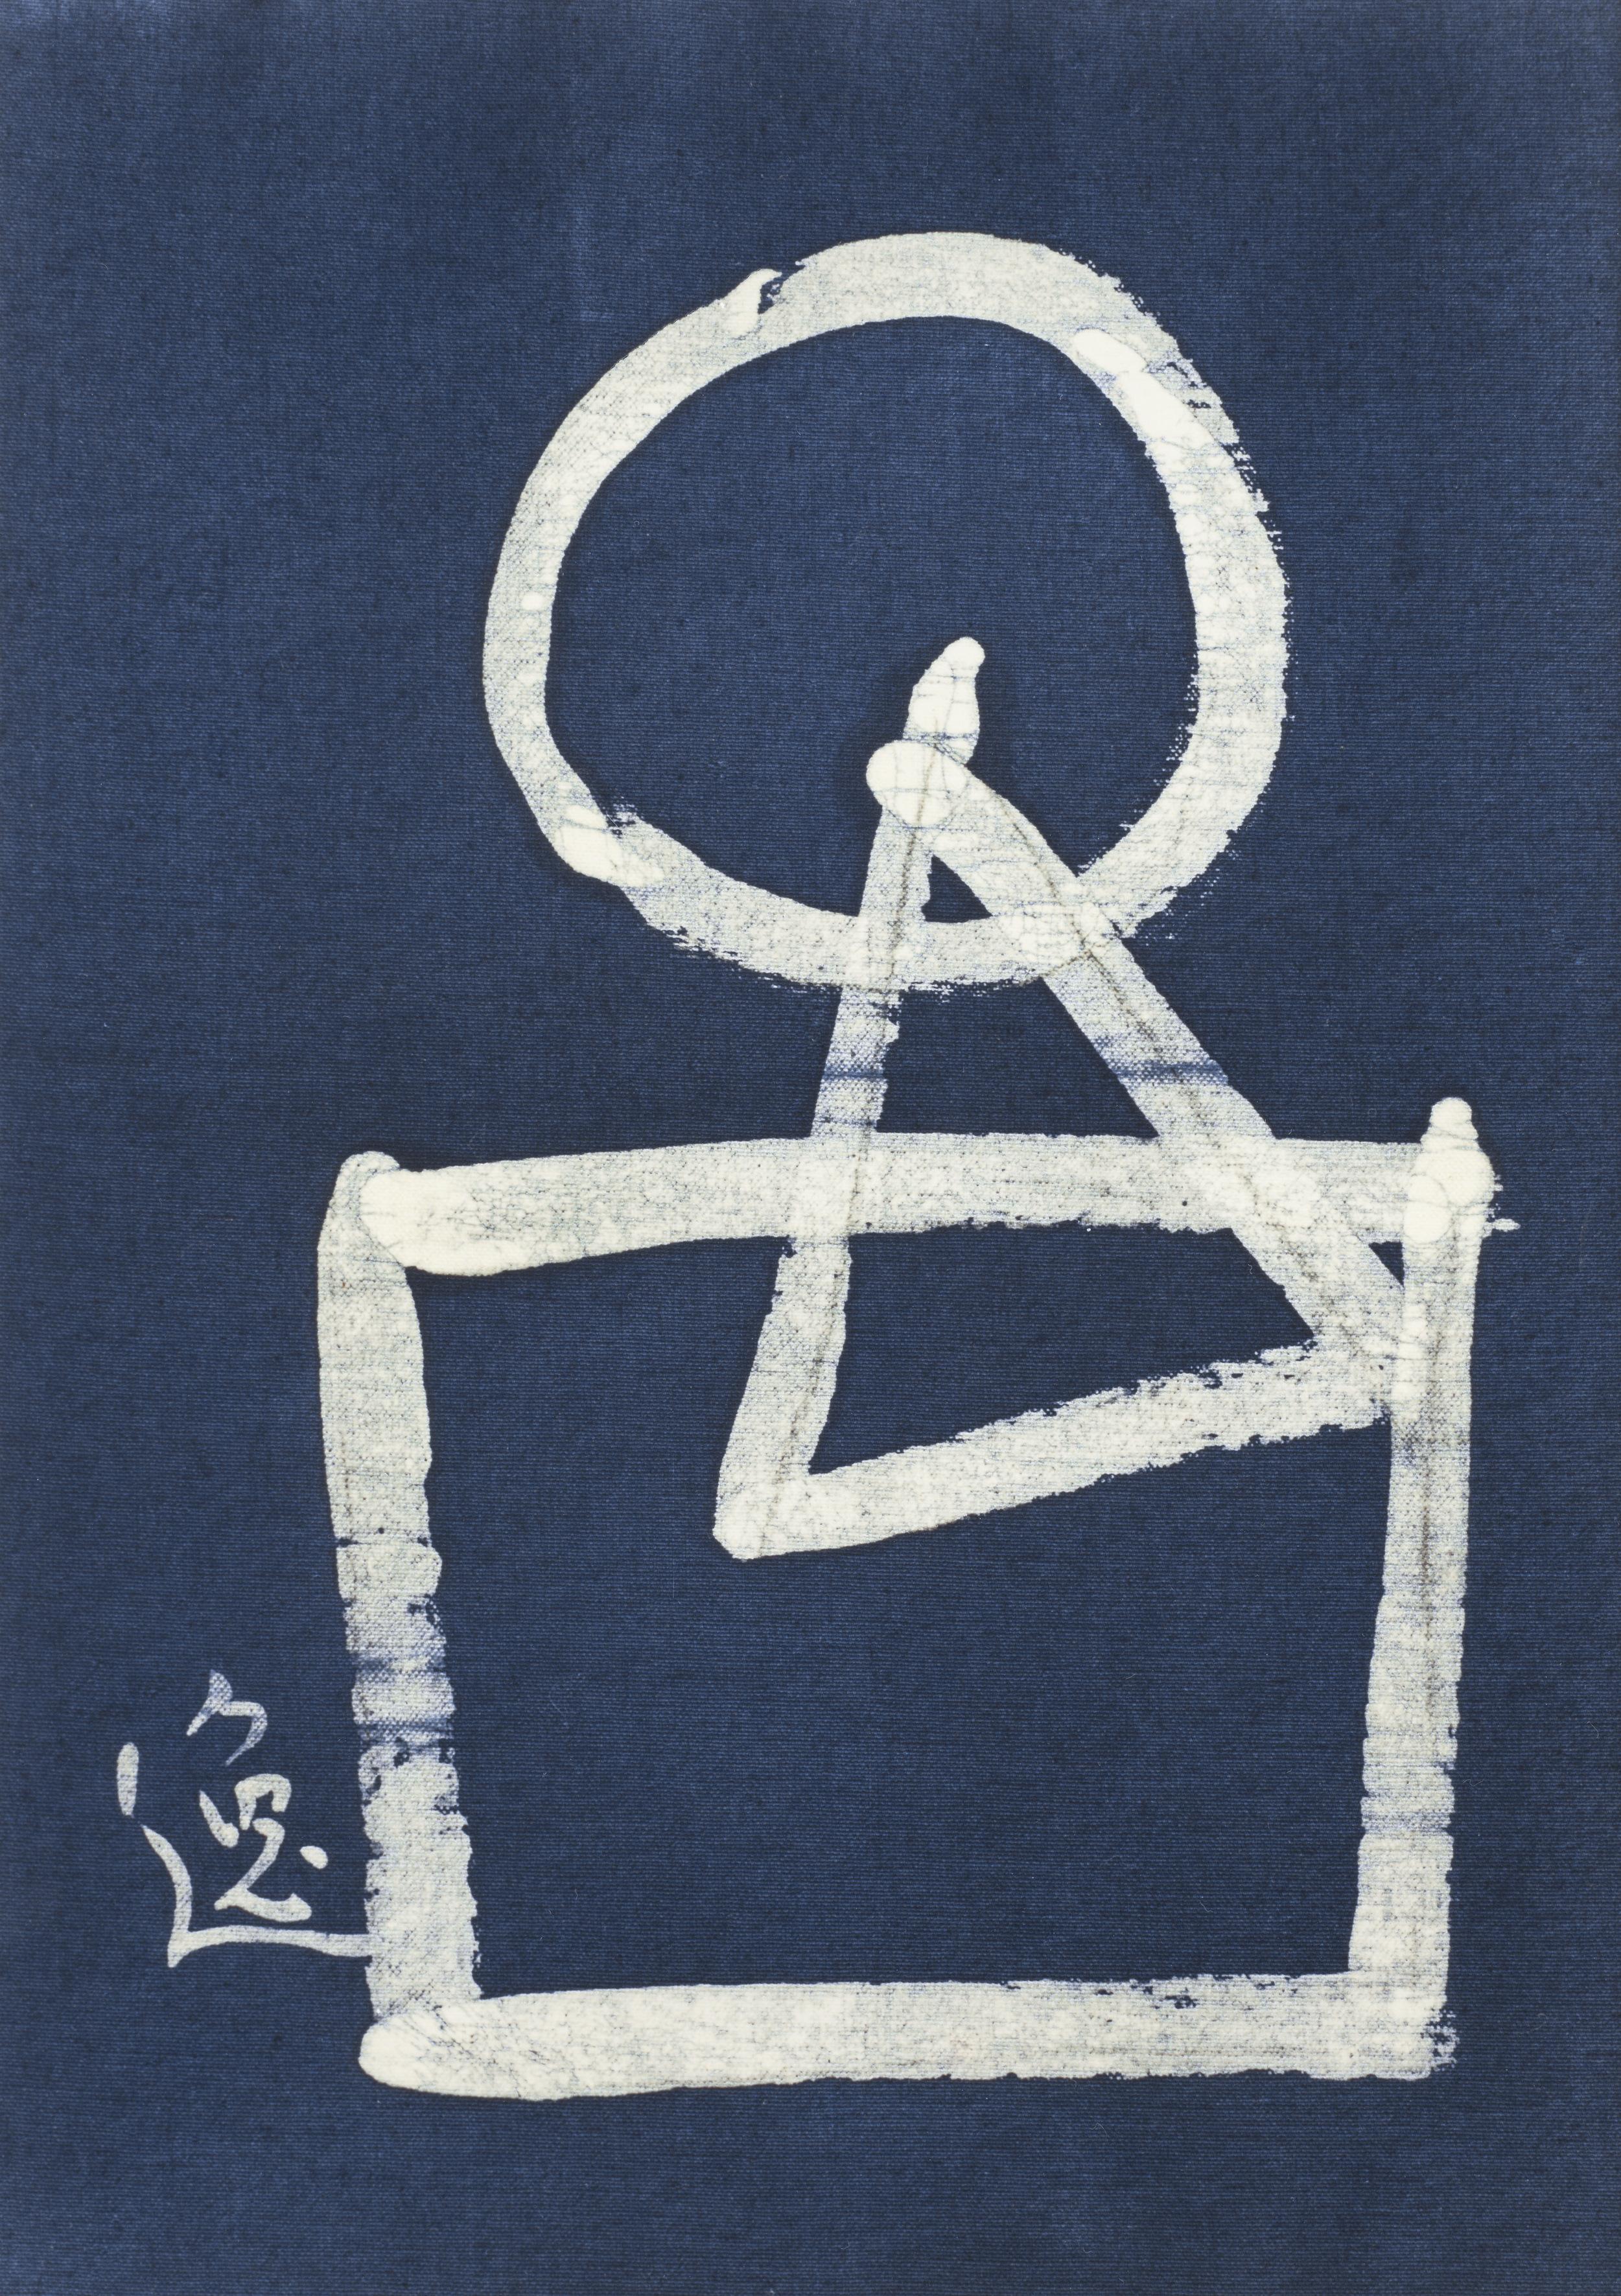 Il vero Eremita vive nel cuore delle grandi città, calligrafia di Itsuo Tsuda